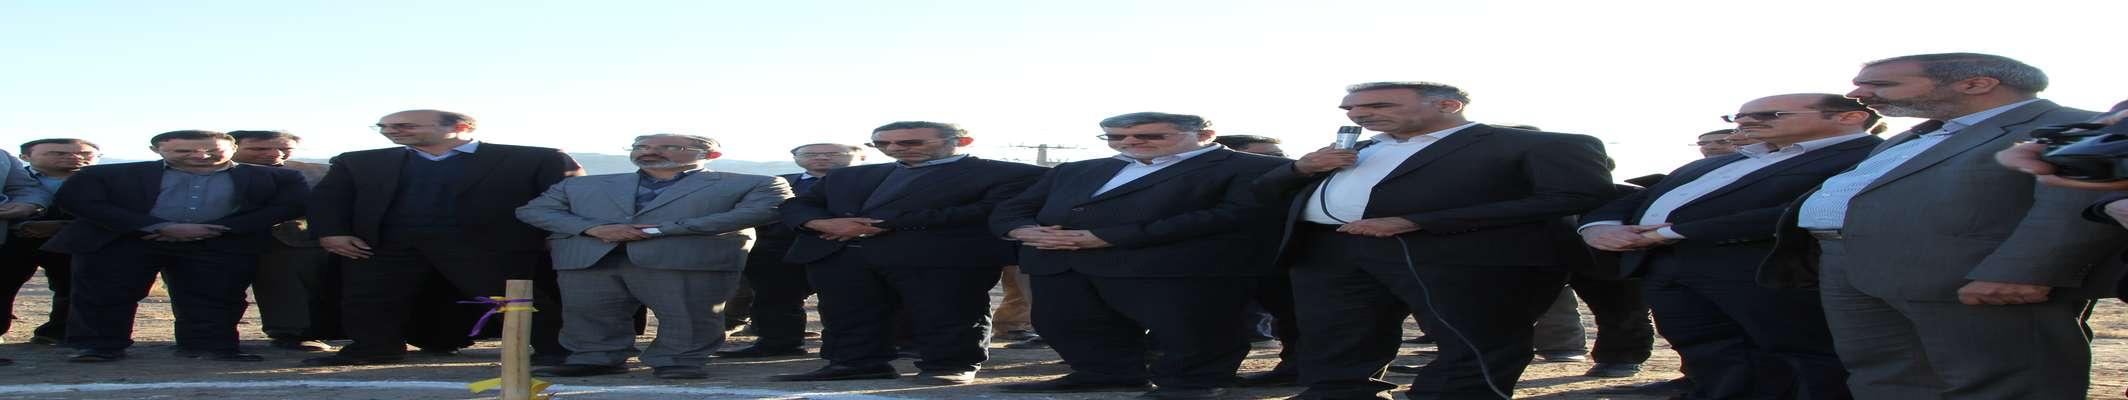 توسط شهرداری بیرجند رقم خورد: